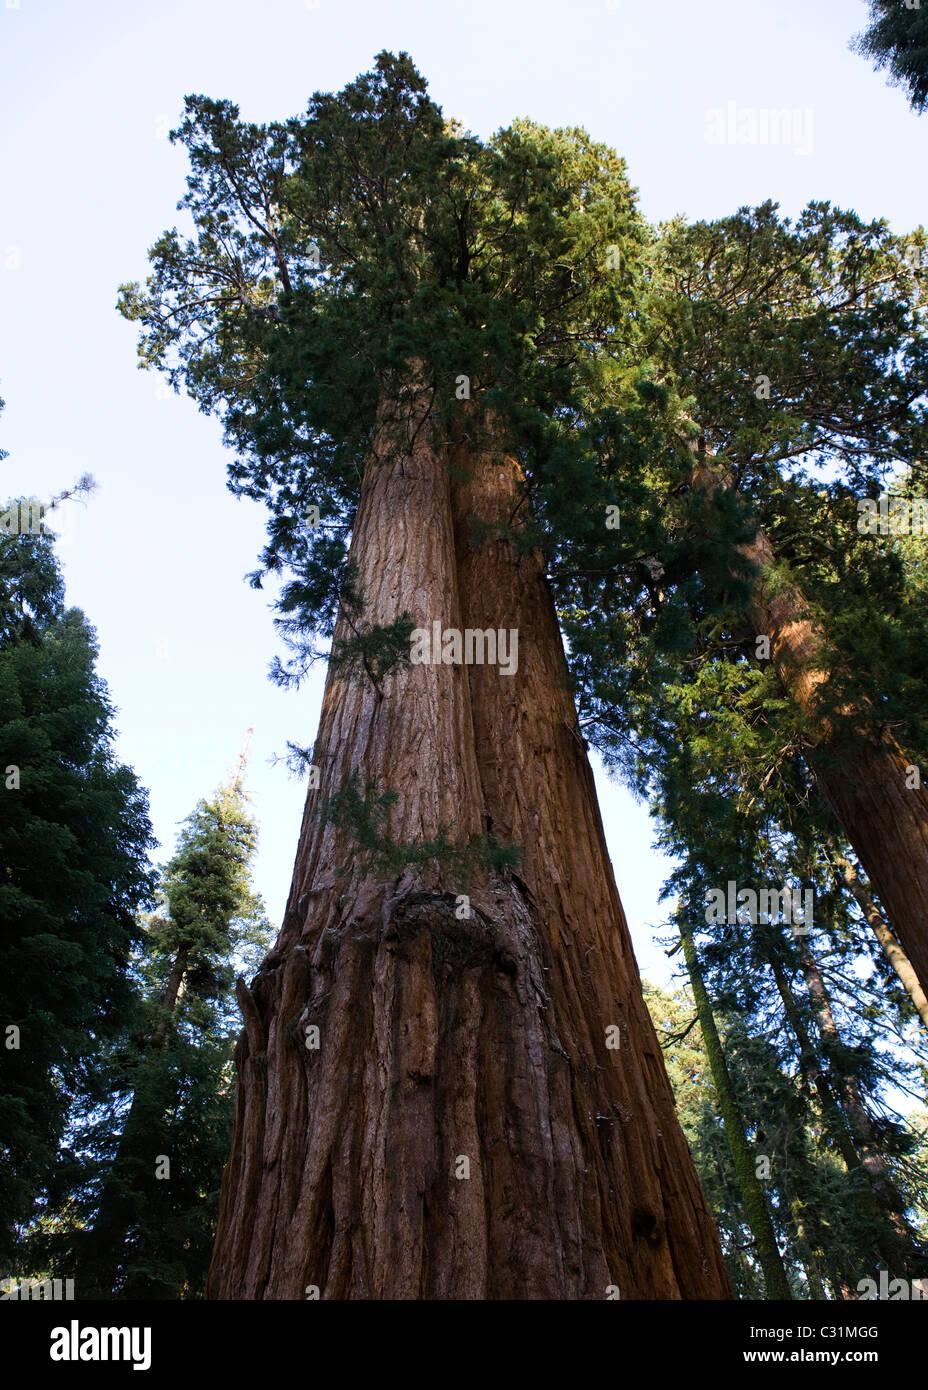 Giant Sequoia tree - Stock Image